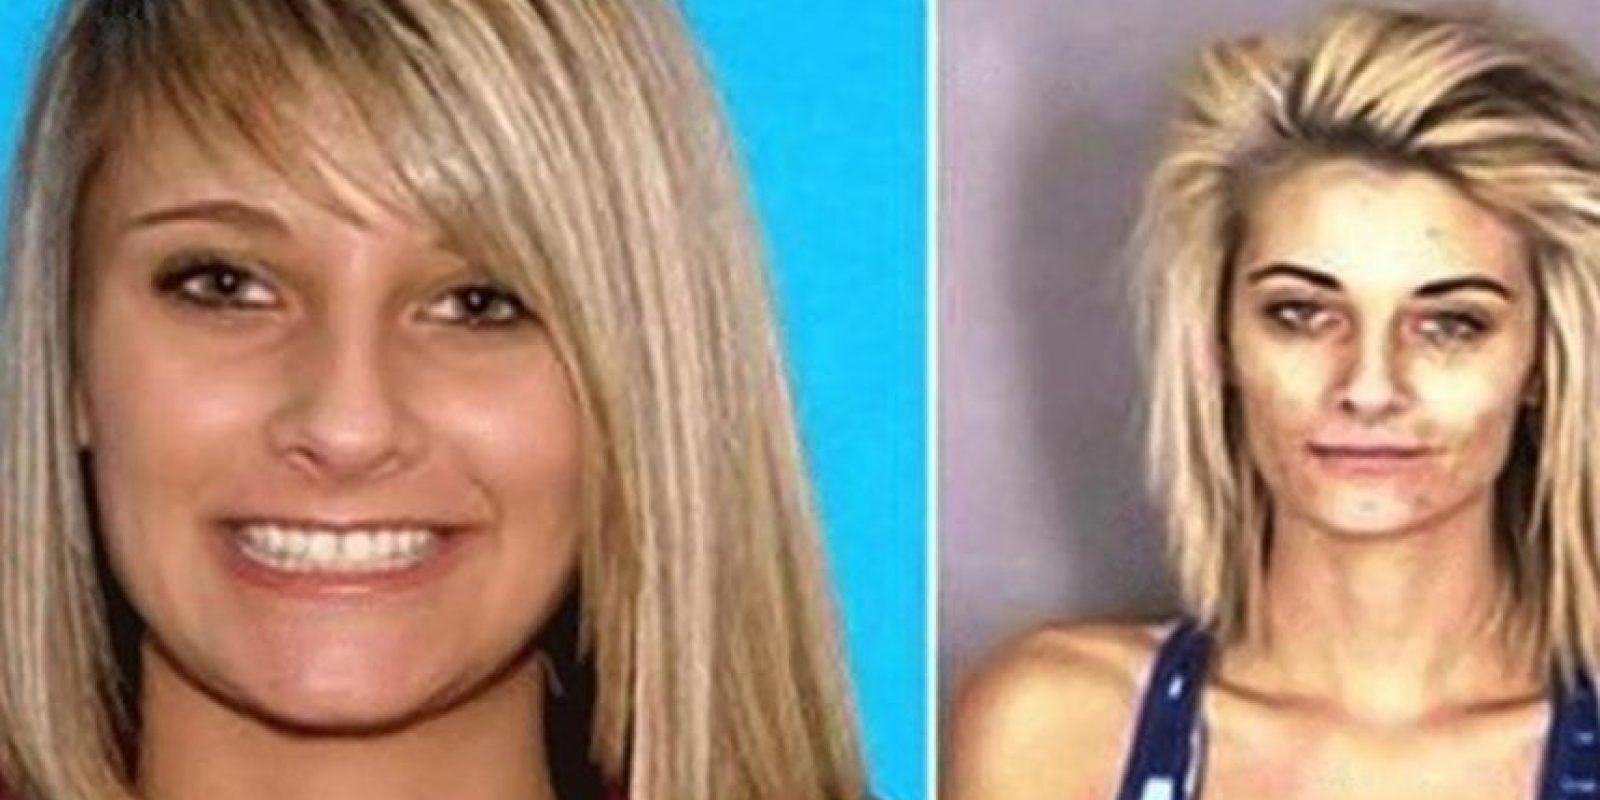 Su caso ha impactado por el cambio que se produjo en ella Foto:Departamento de Policía de Keizer